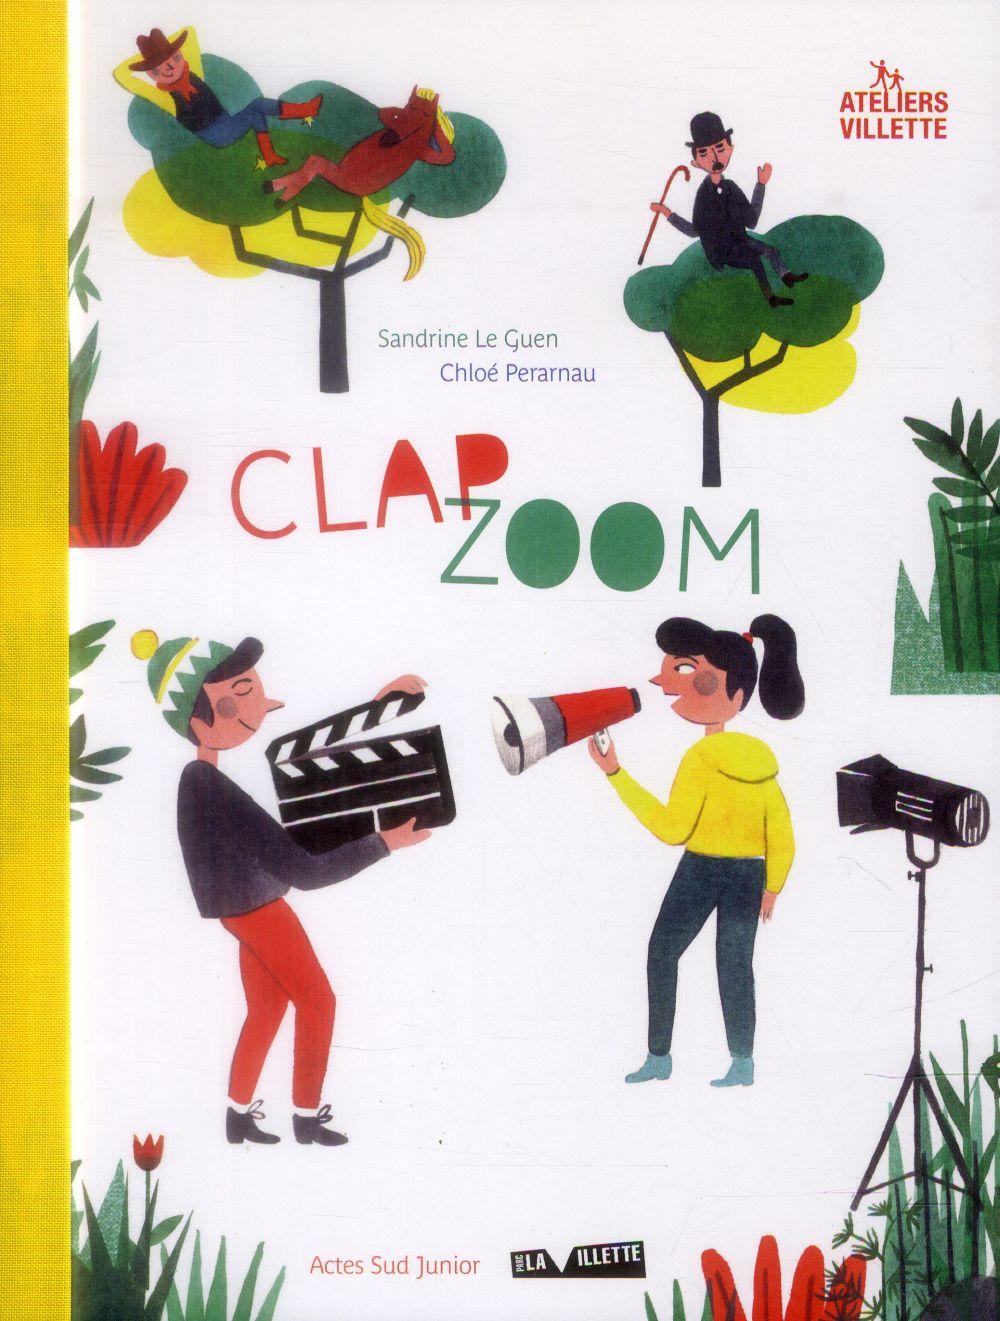 Clap/zoom